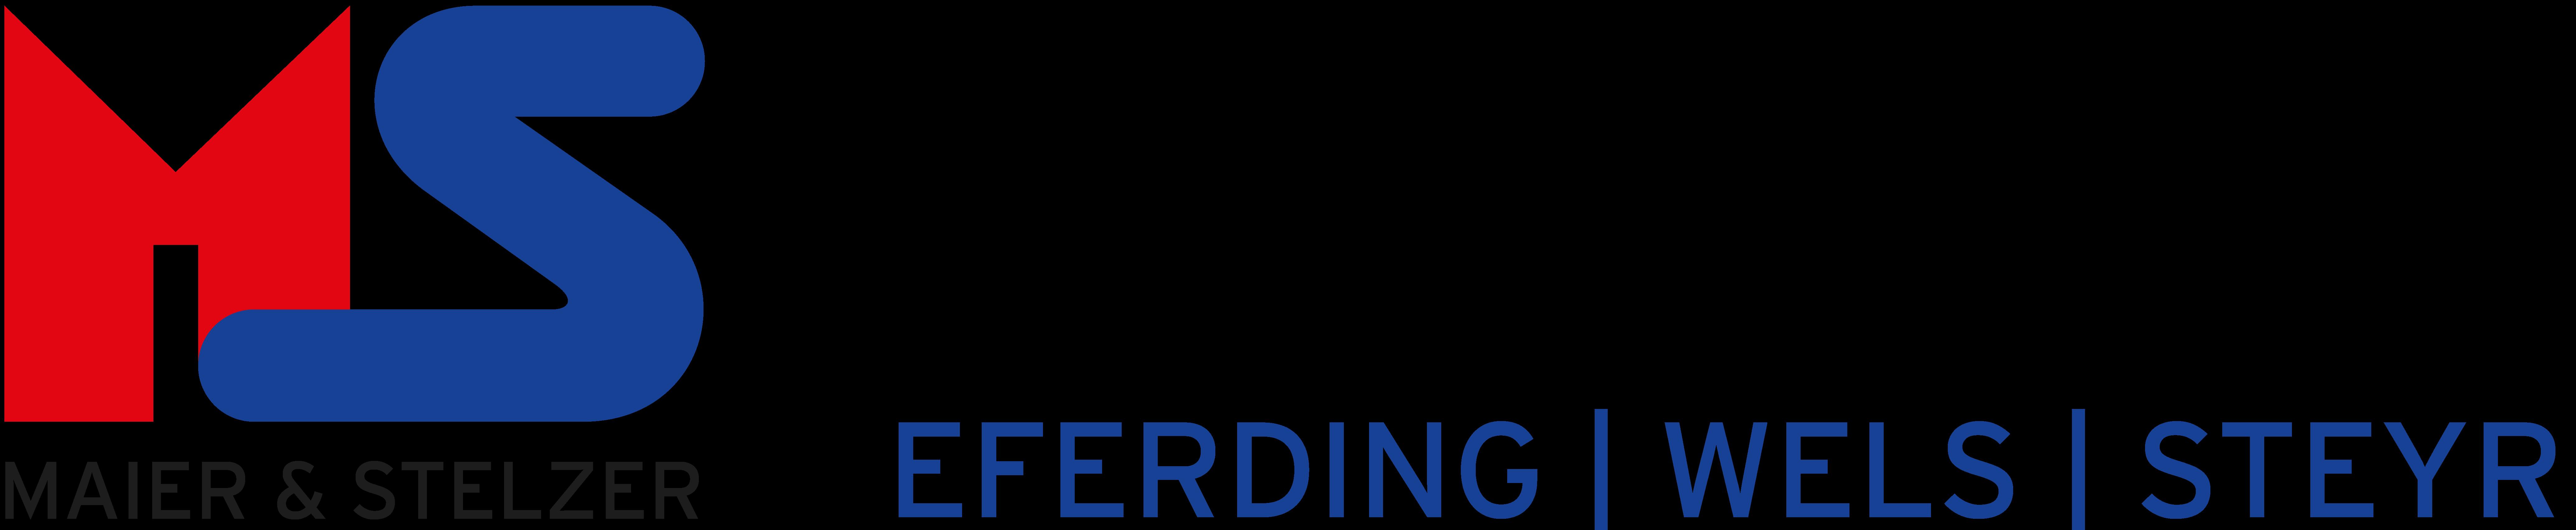 maier-stelzer logo